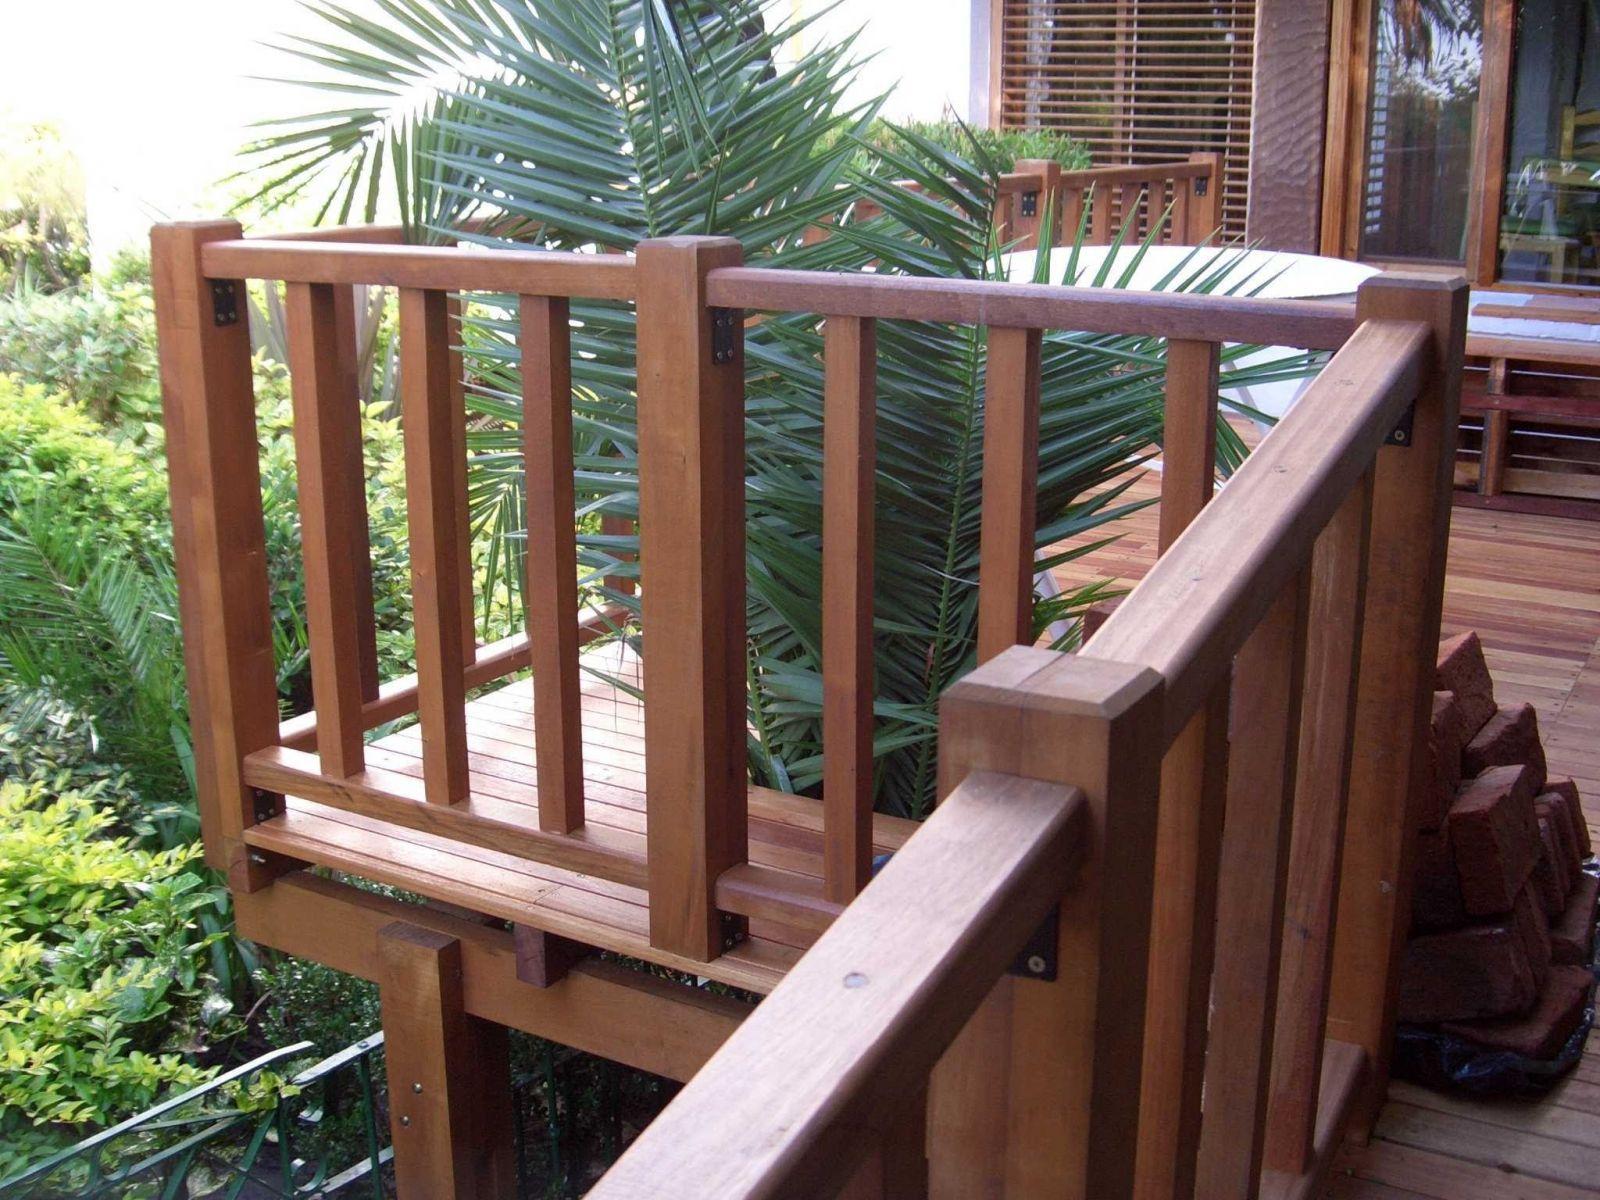 Tratamiento madera exterior great la madera de pino es un for Tratamiento madera exterior